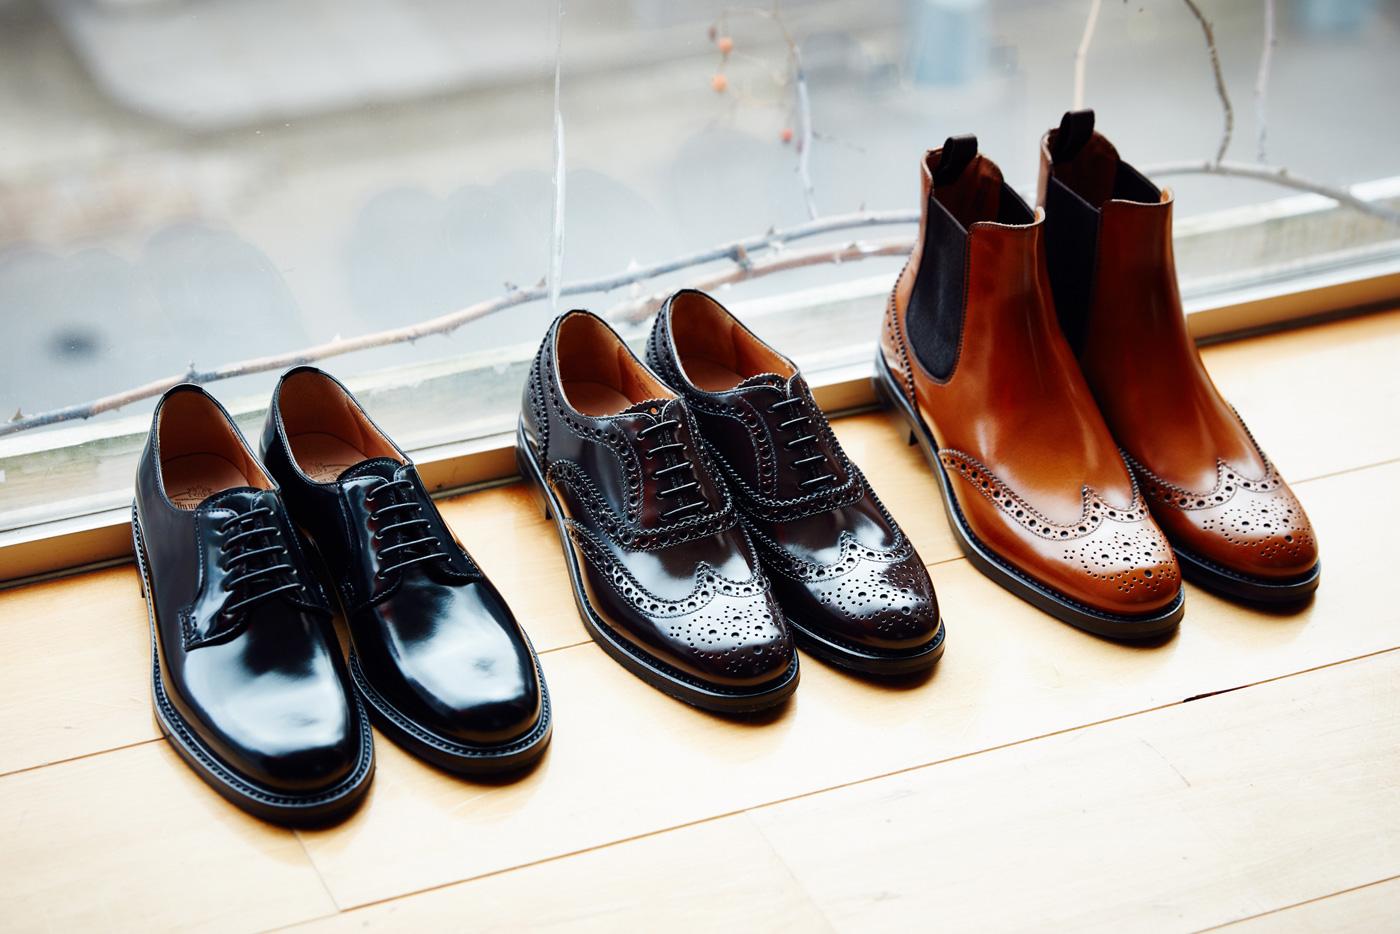 ブリティッシュメイド大定番の英国靴6選をお届け